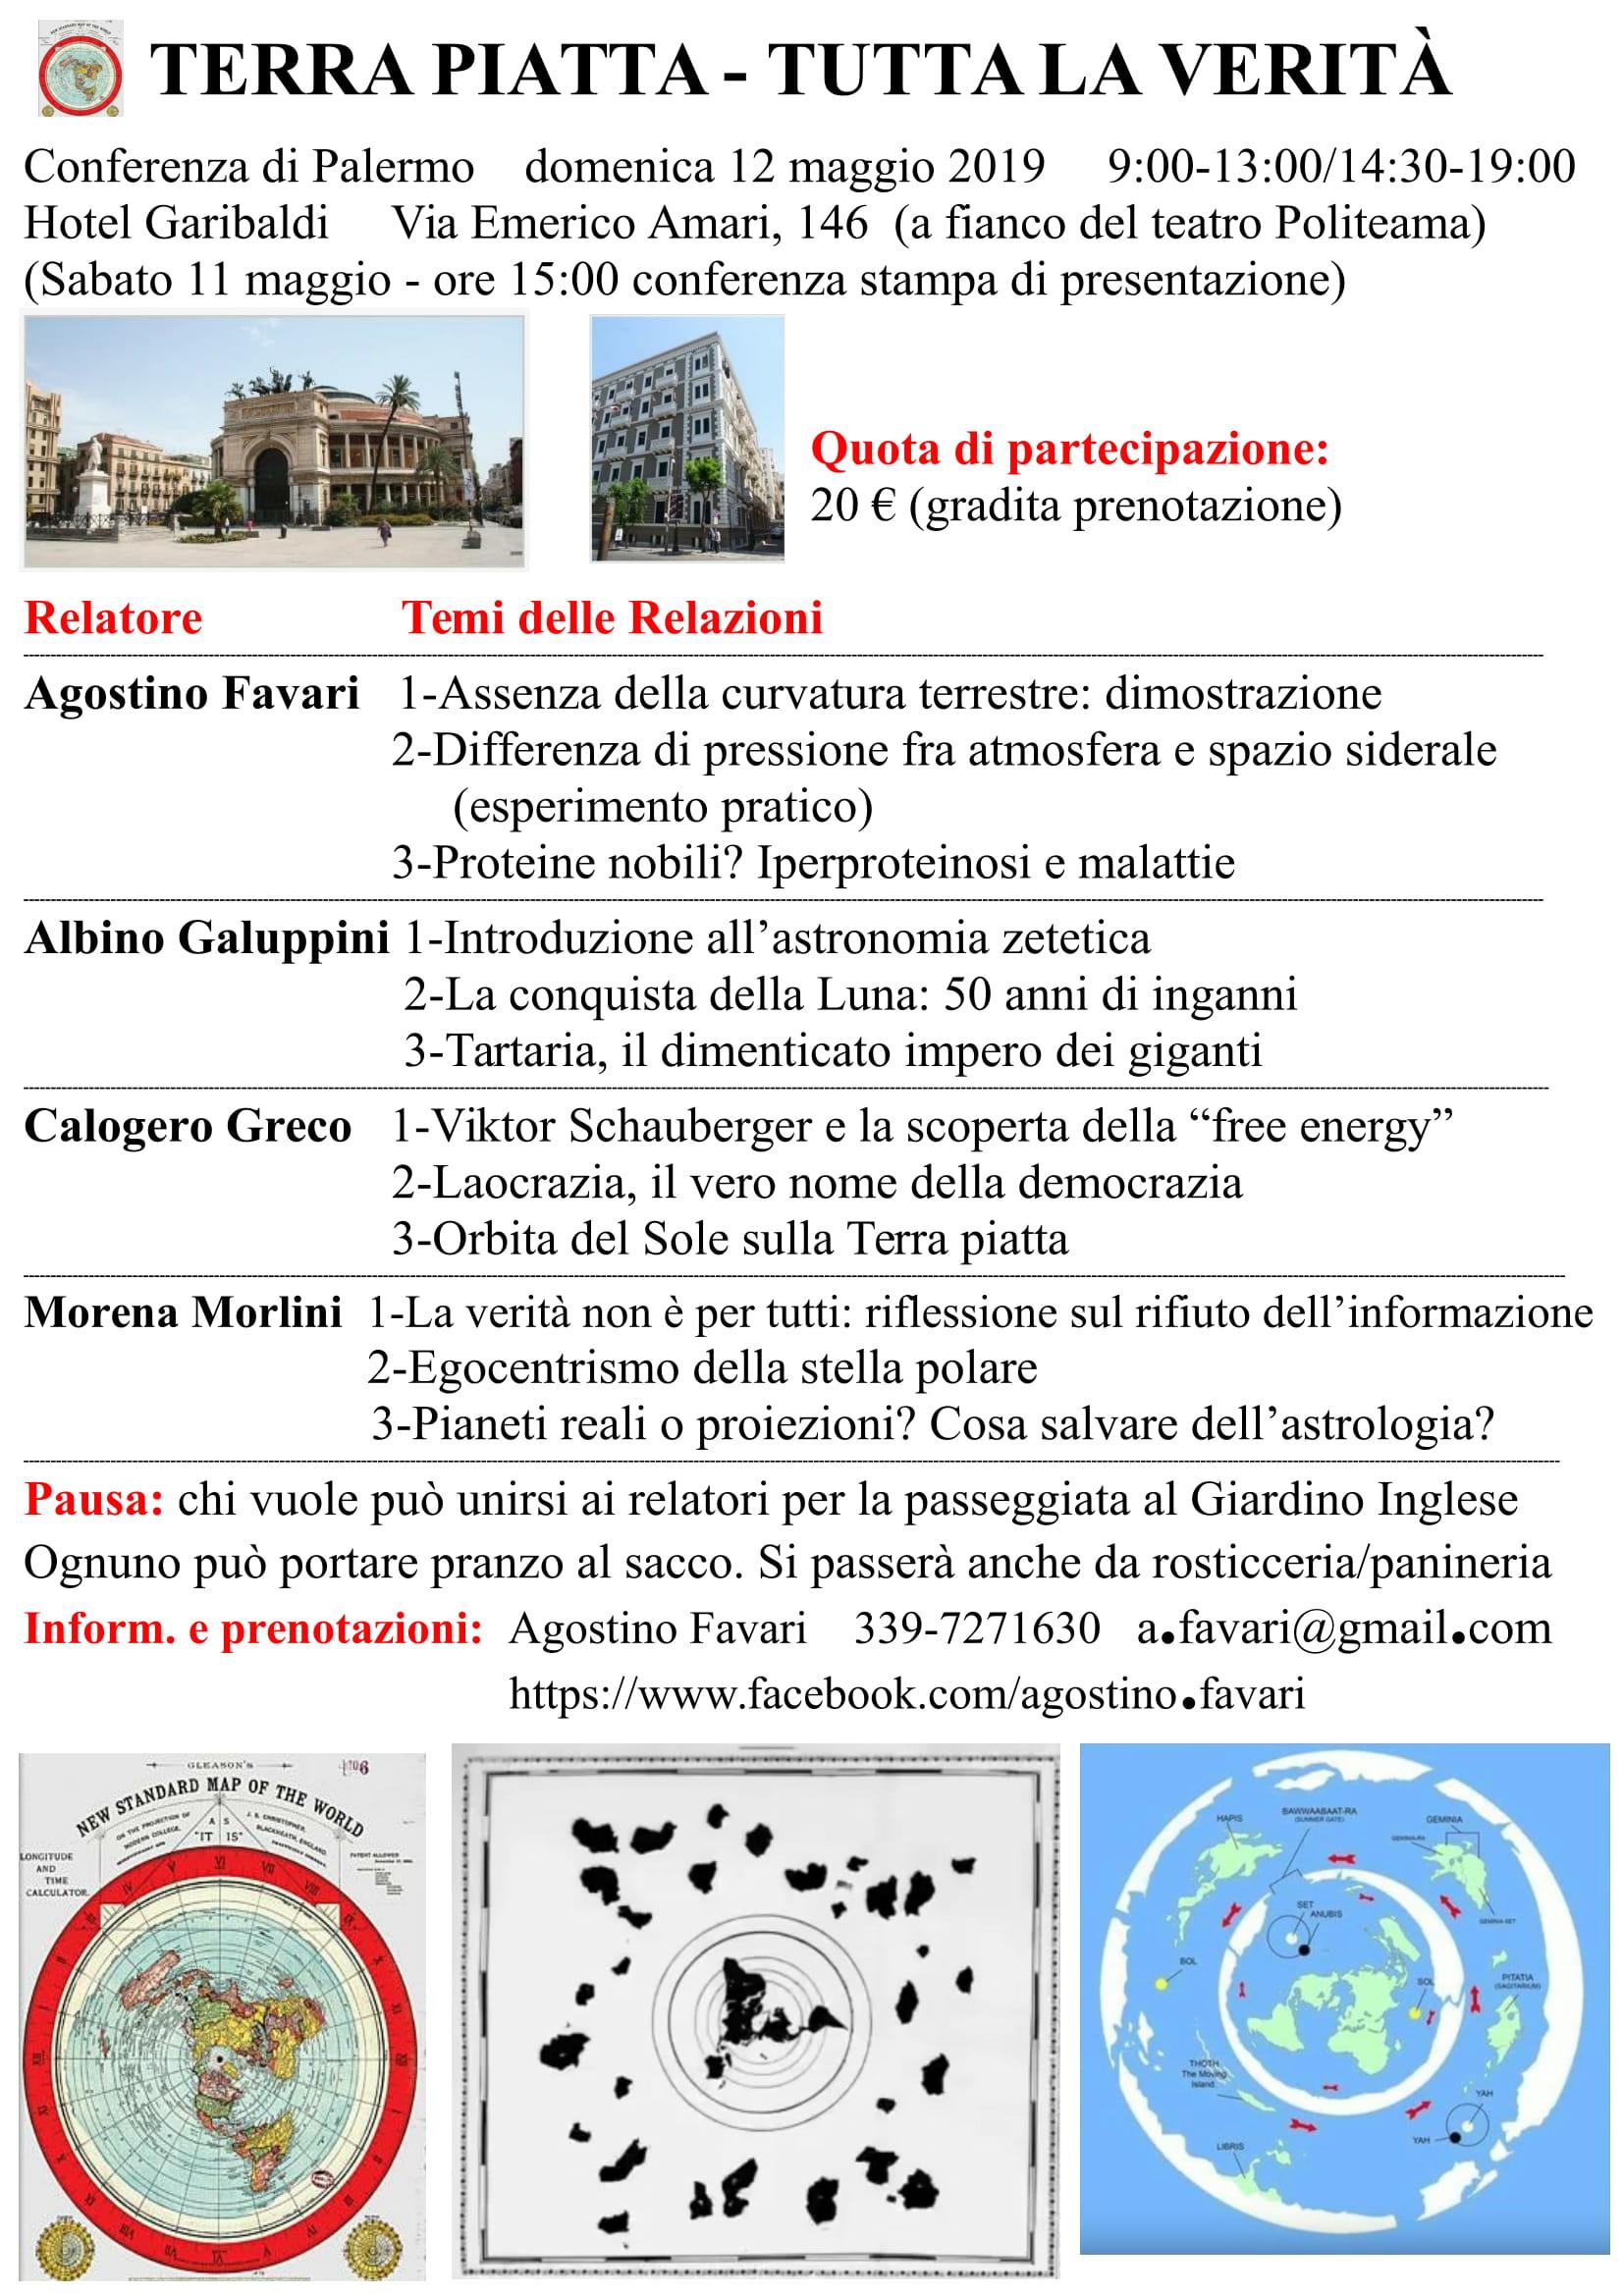 Locandina_terra-piatta_Palermo